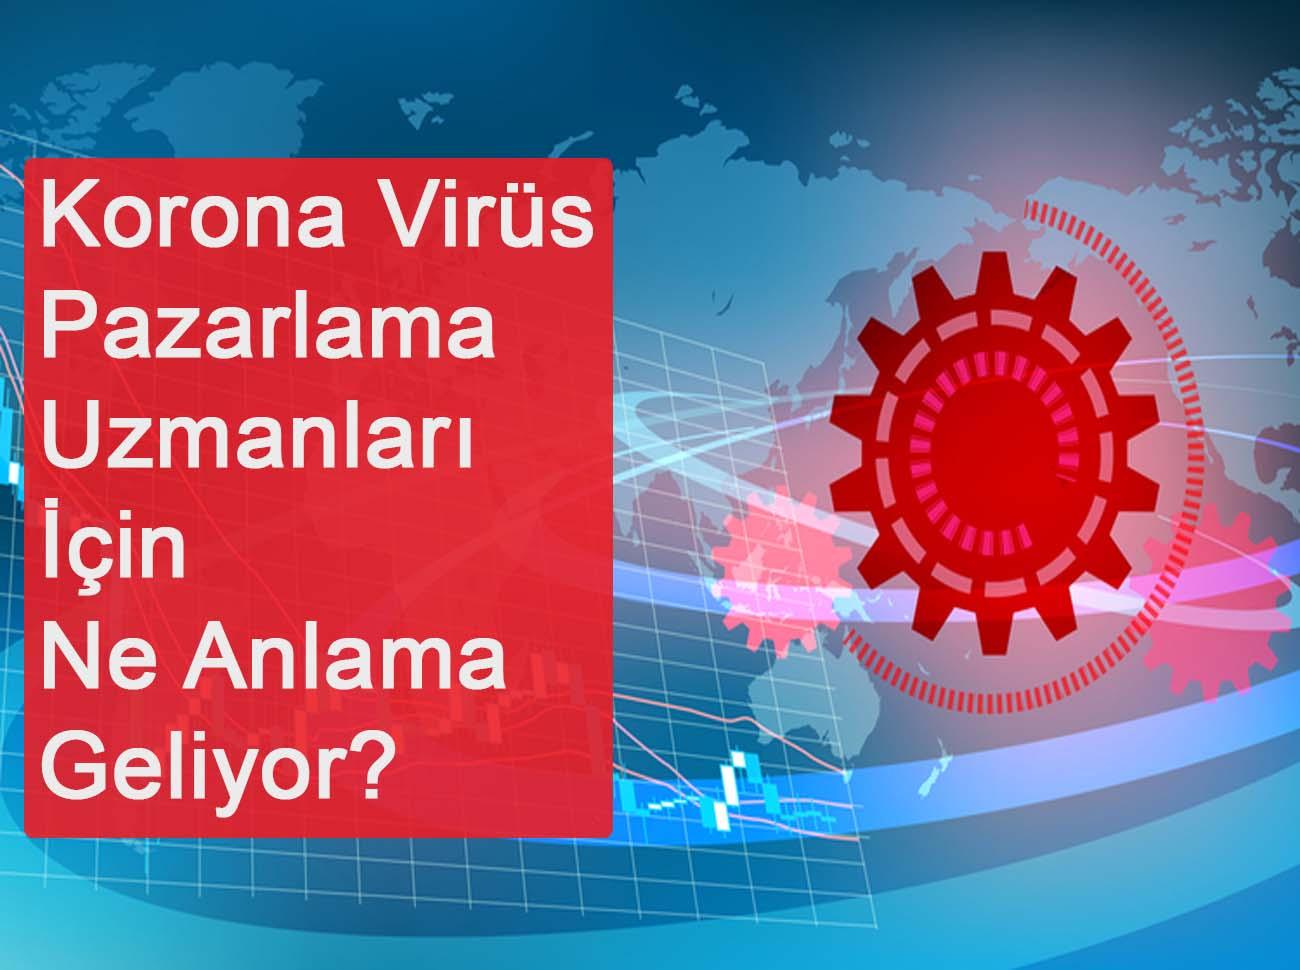 Koronavirüs Pazarlama Uzmanları İçin Ne Anlama Geliyor?